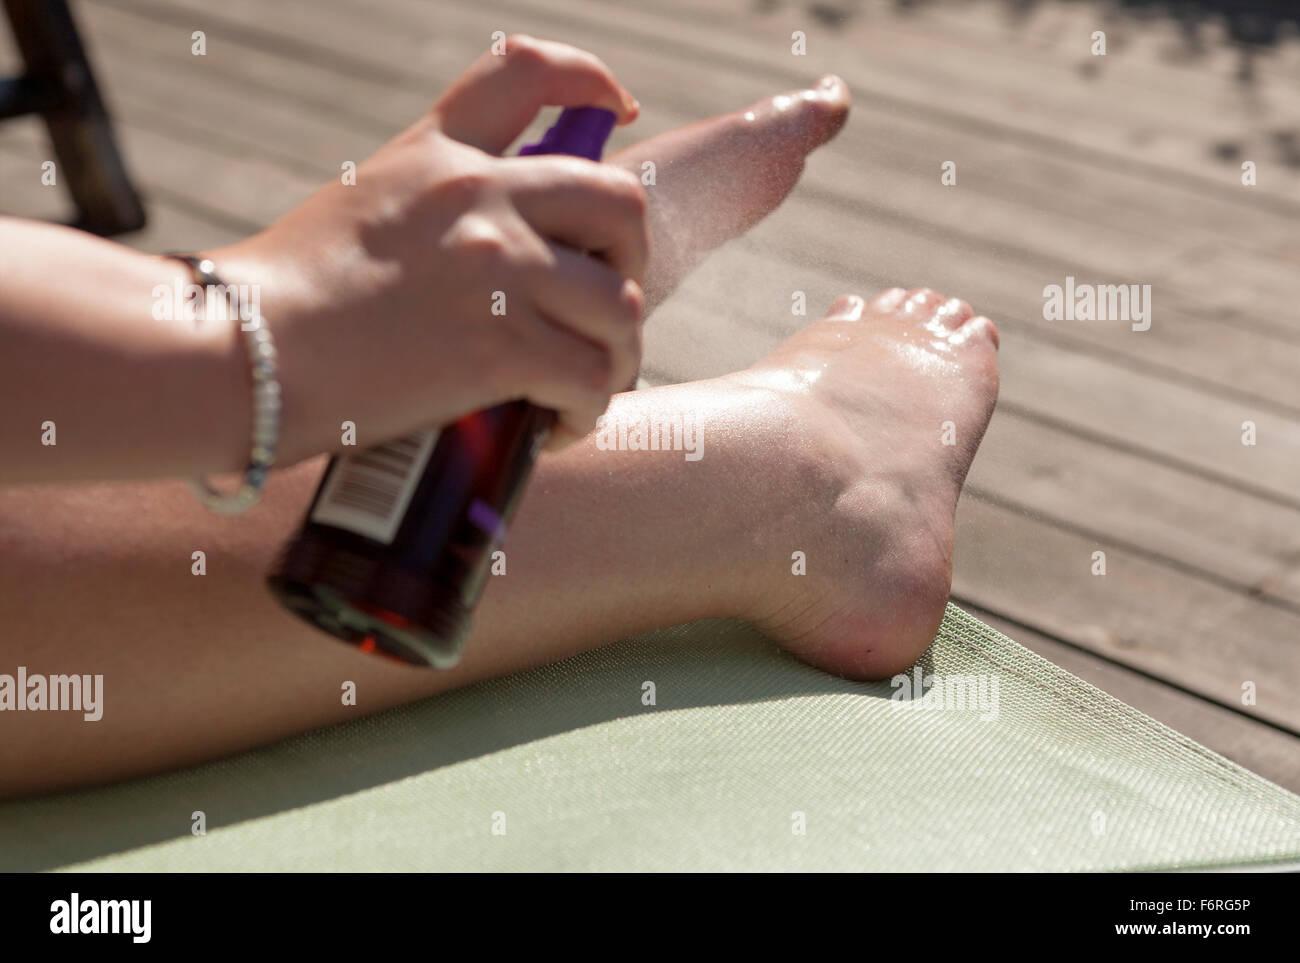 La donna sulla sedia a sdraio l'applicazione di crema di protezione solare spray per proteggere la sua pelle Immagini Stock